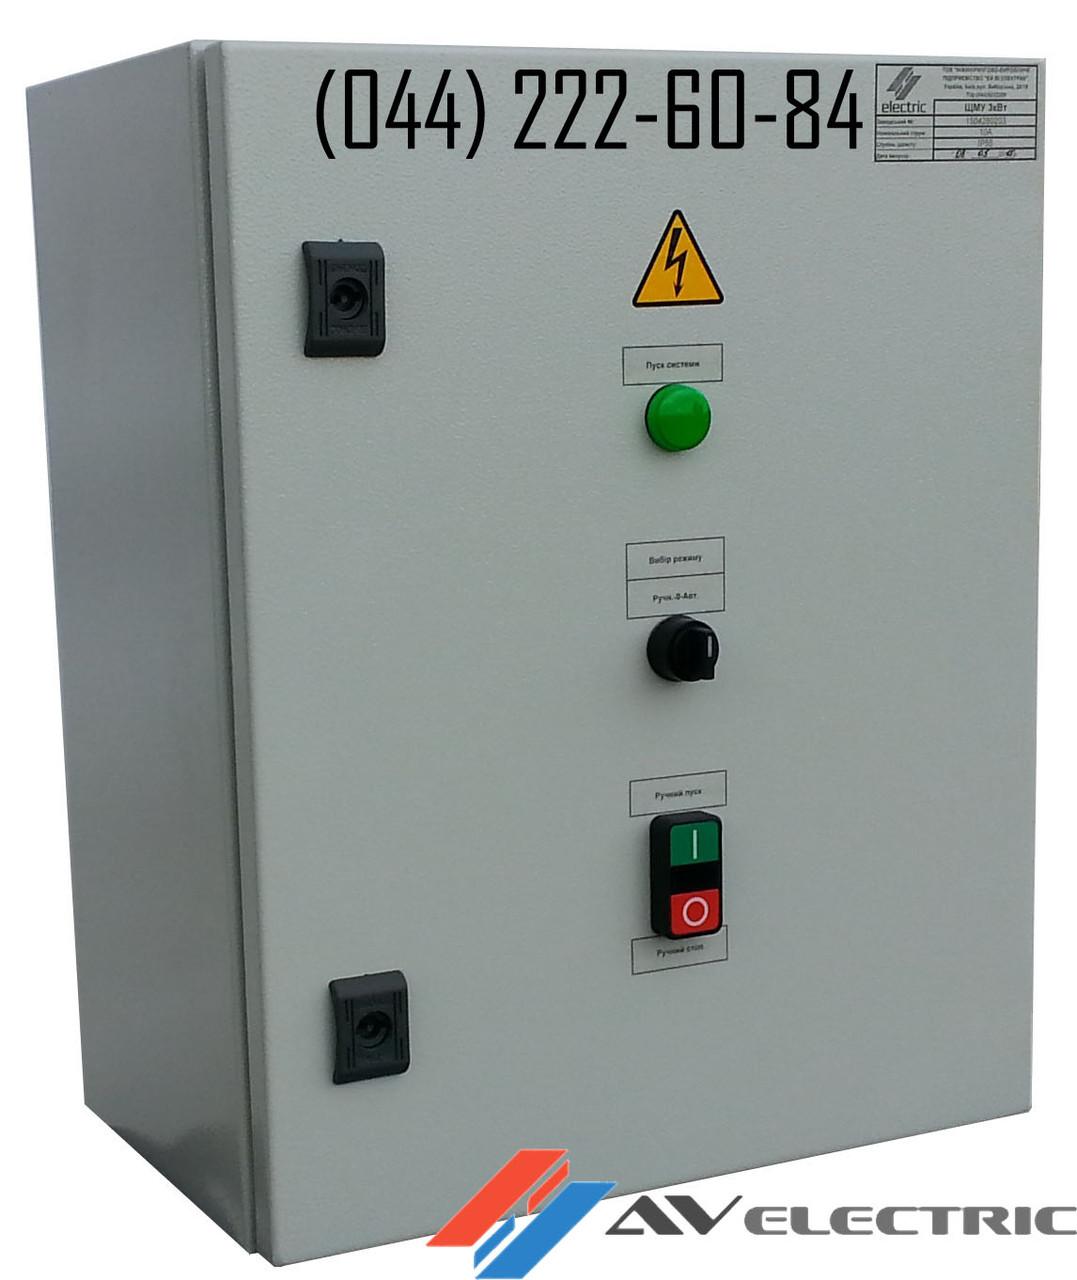 Ящик управления Я5110-2274 - КАП электро плюс в Киеве